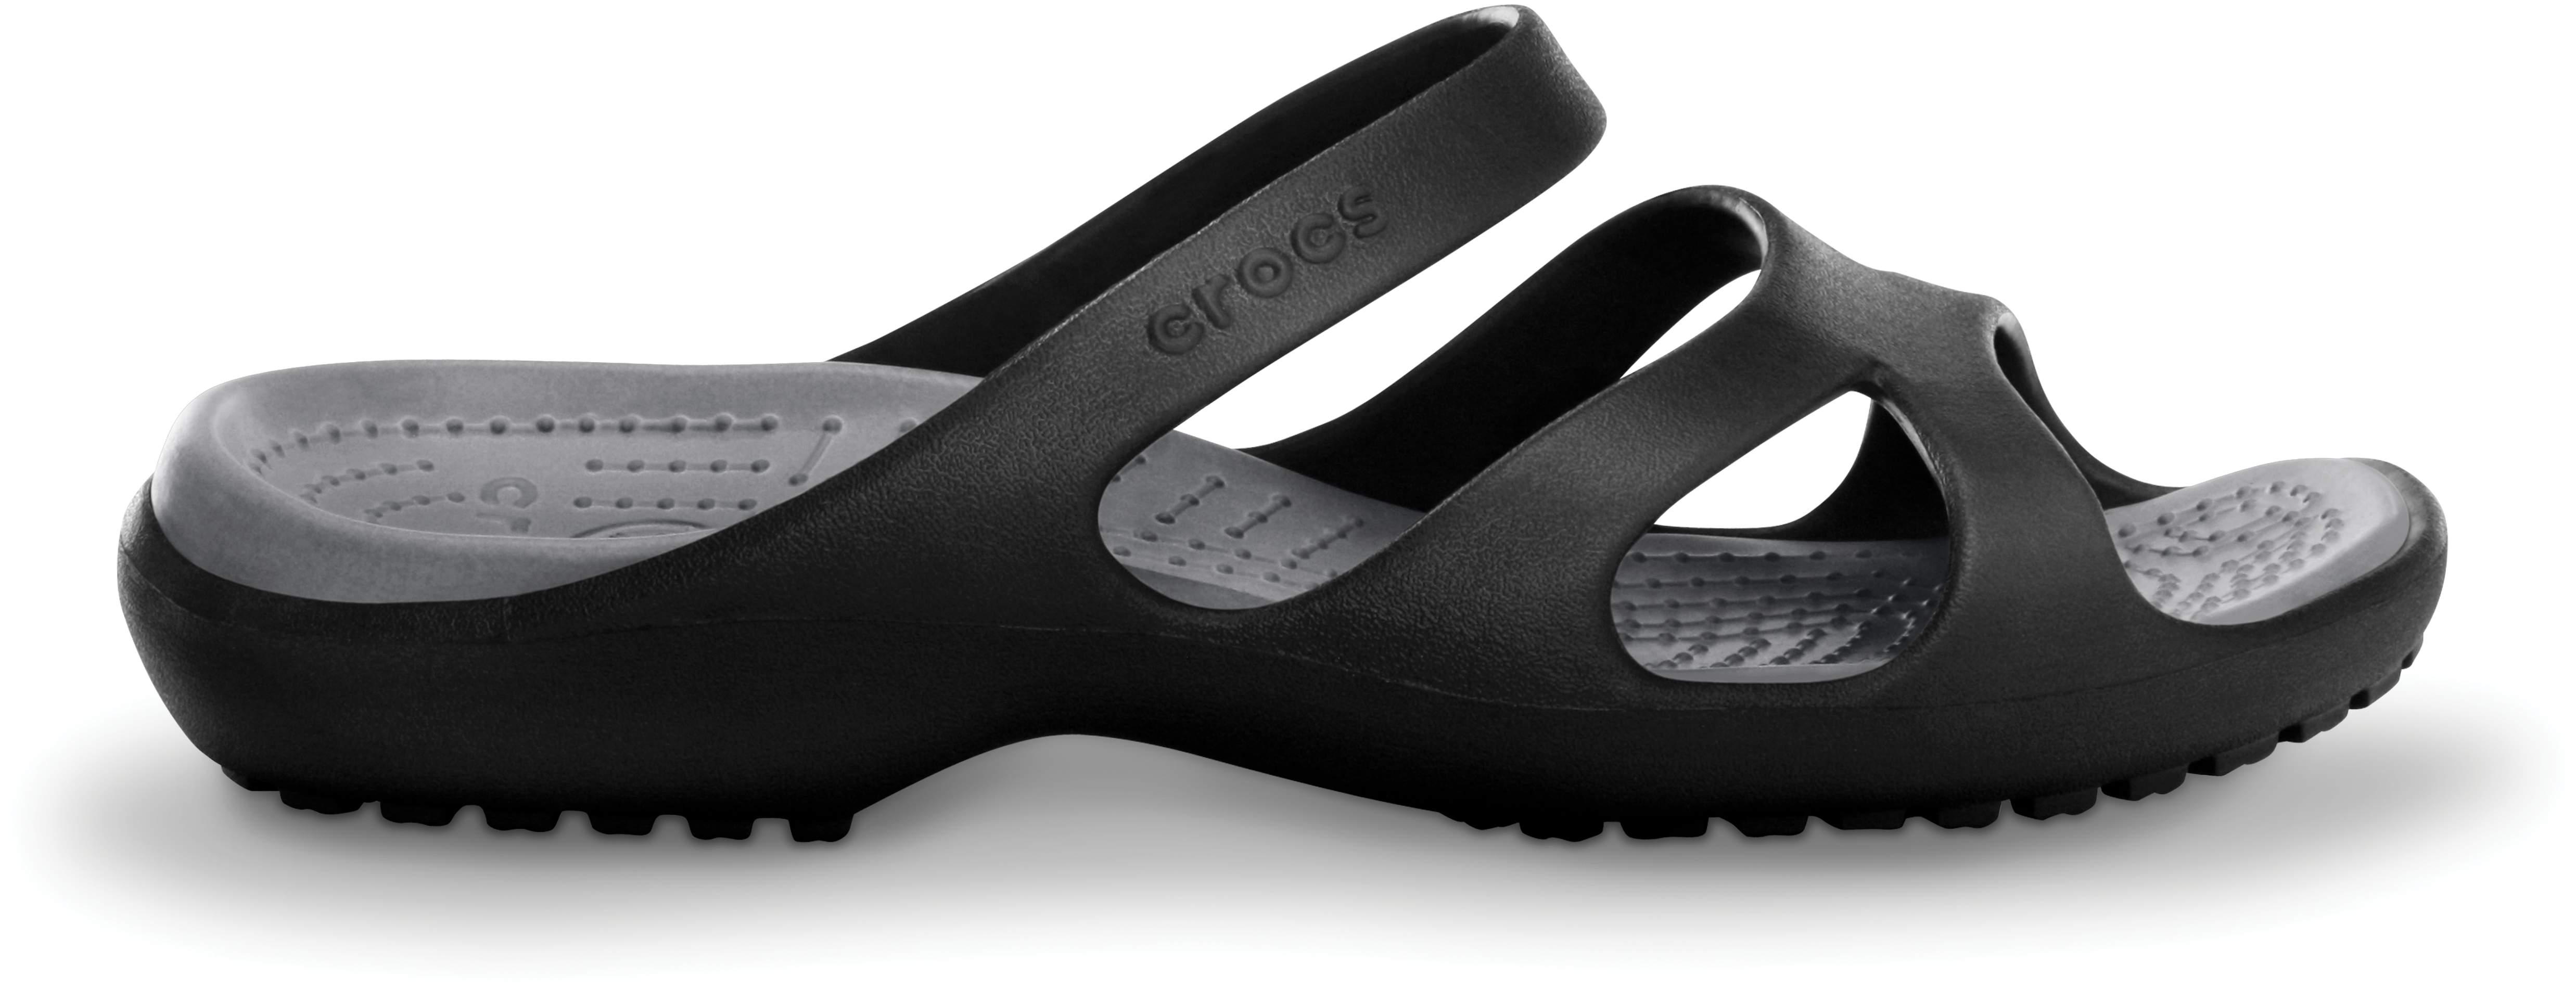 Crocs Meleen Sandals